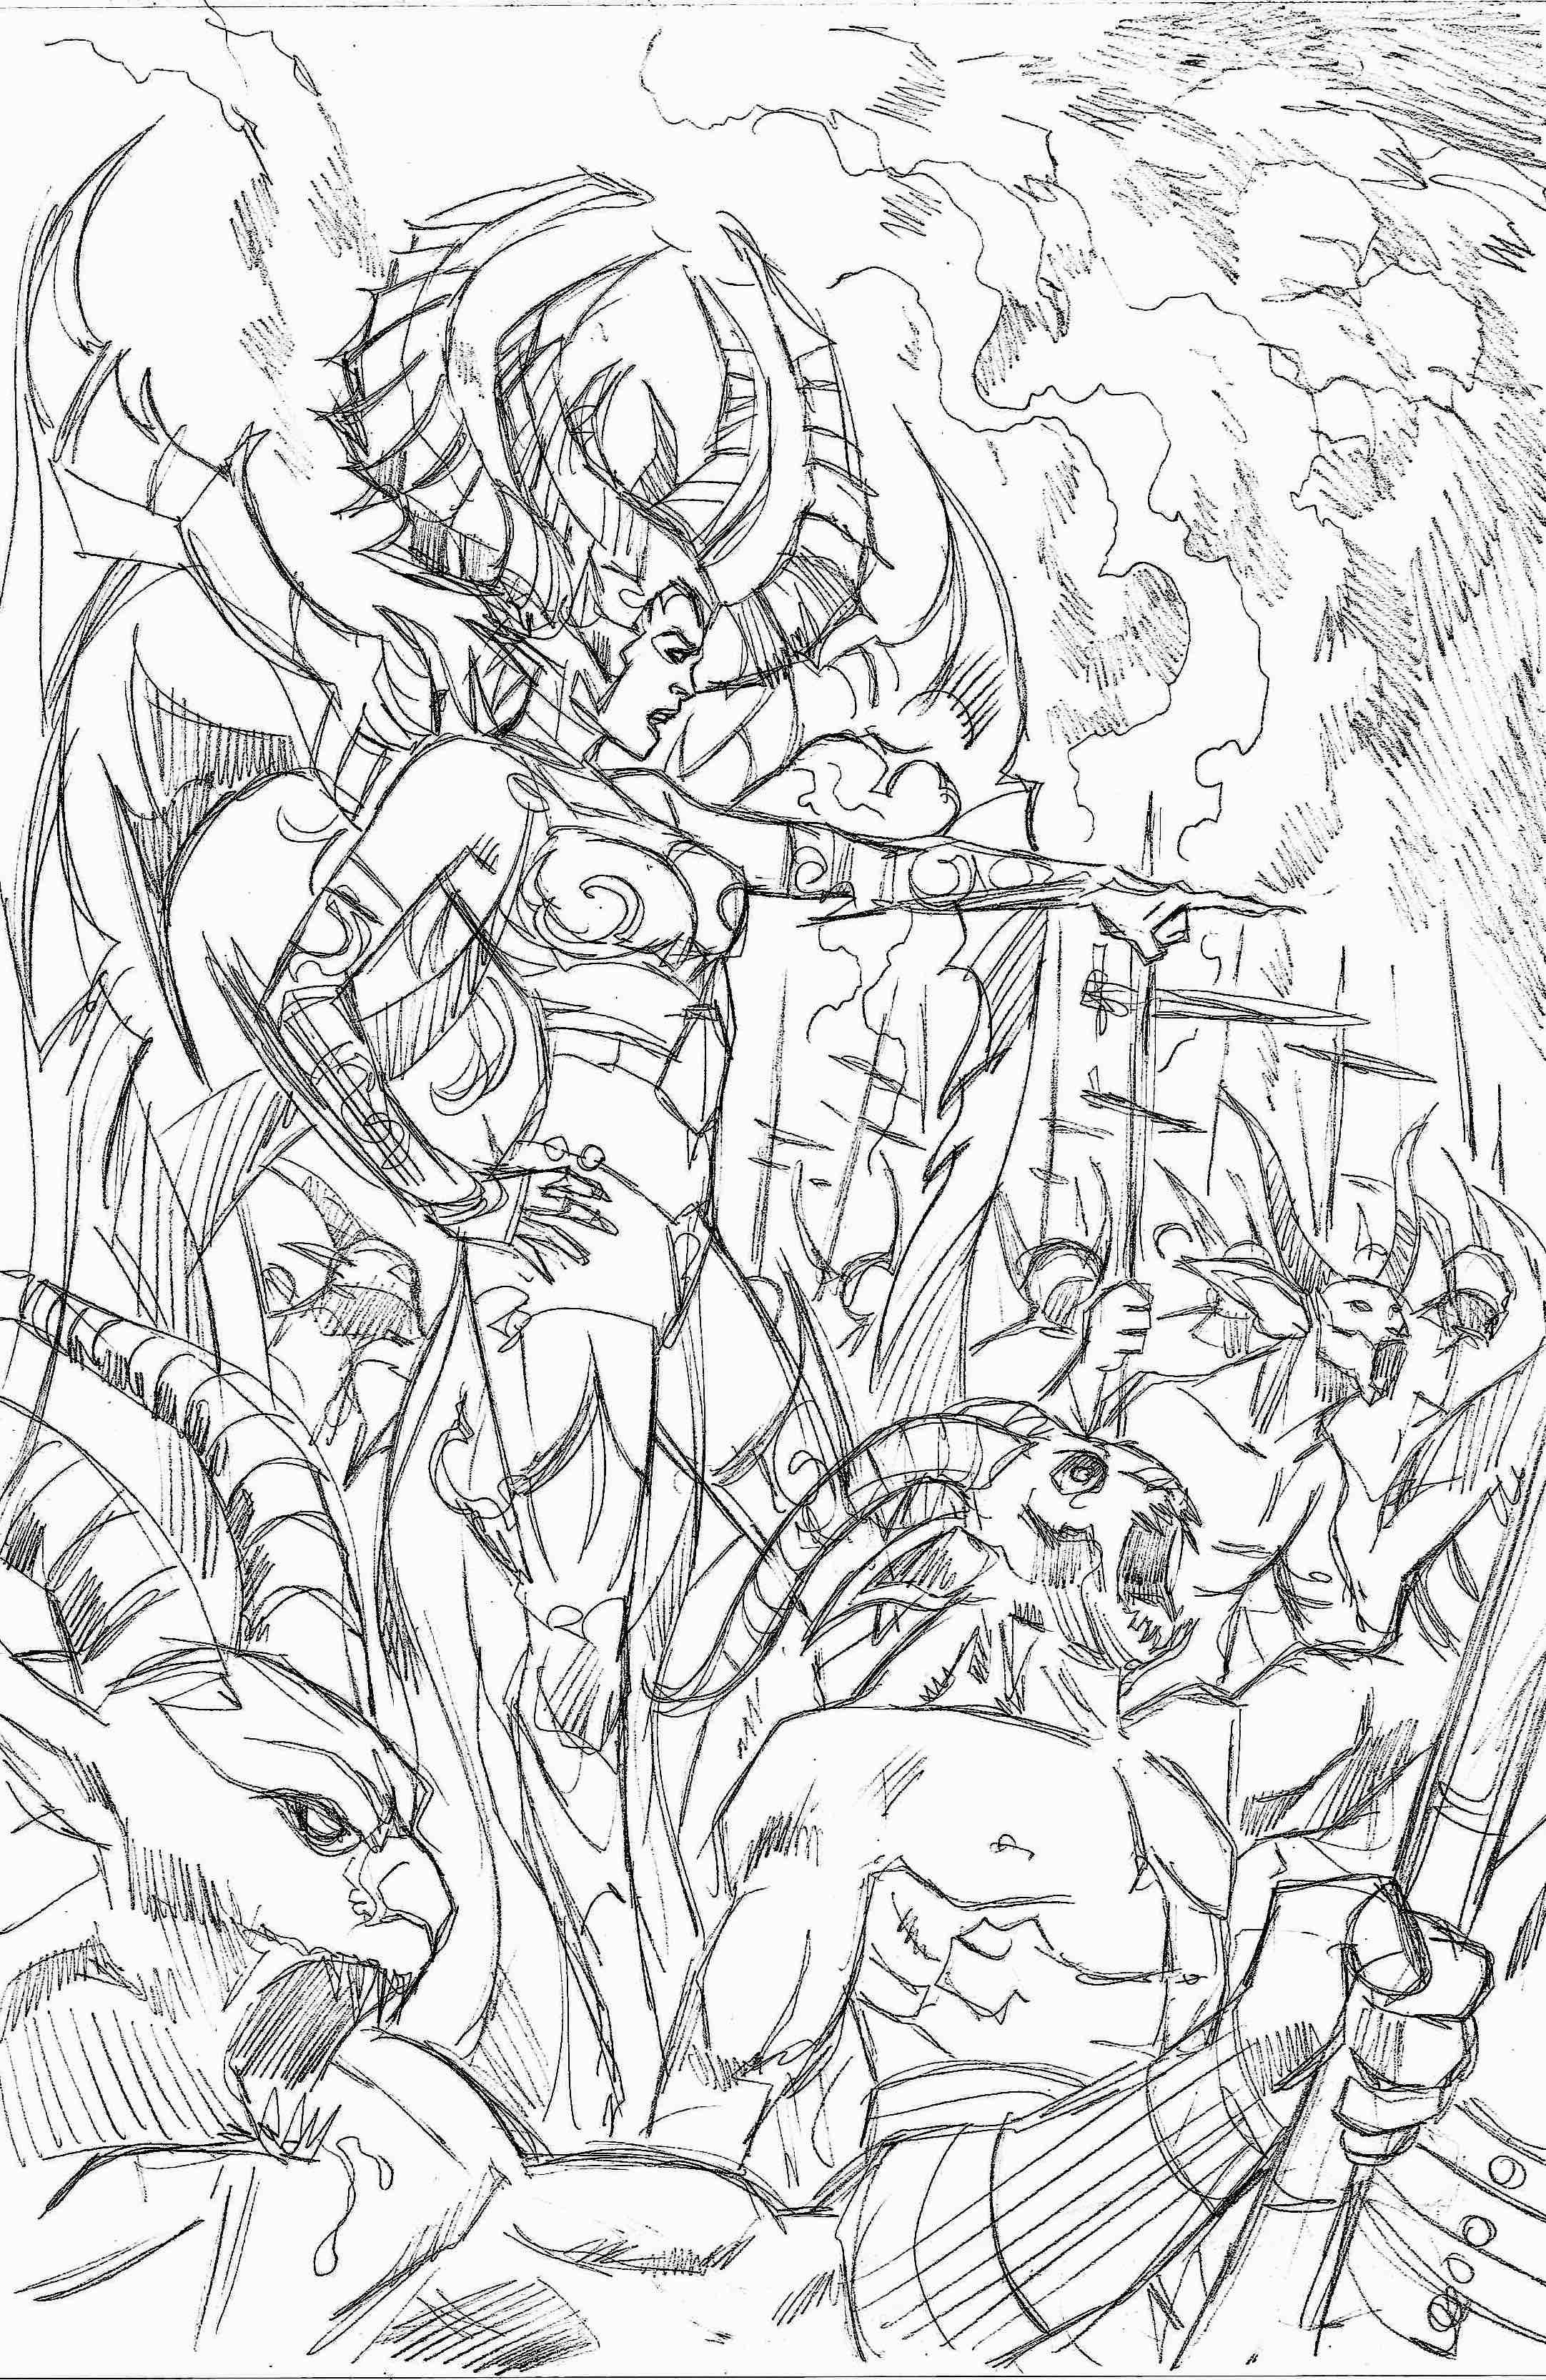 Anuncian nuevo comic de Diablo por Titan Comics y Blizzard